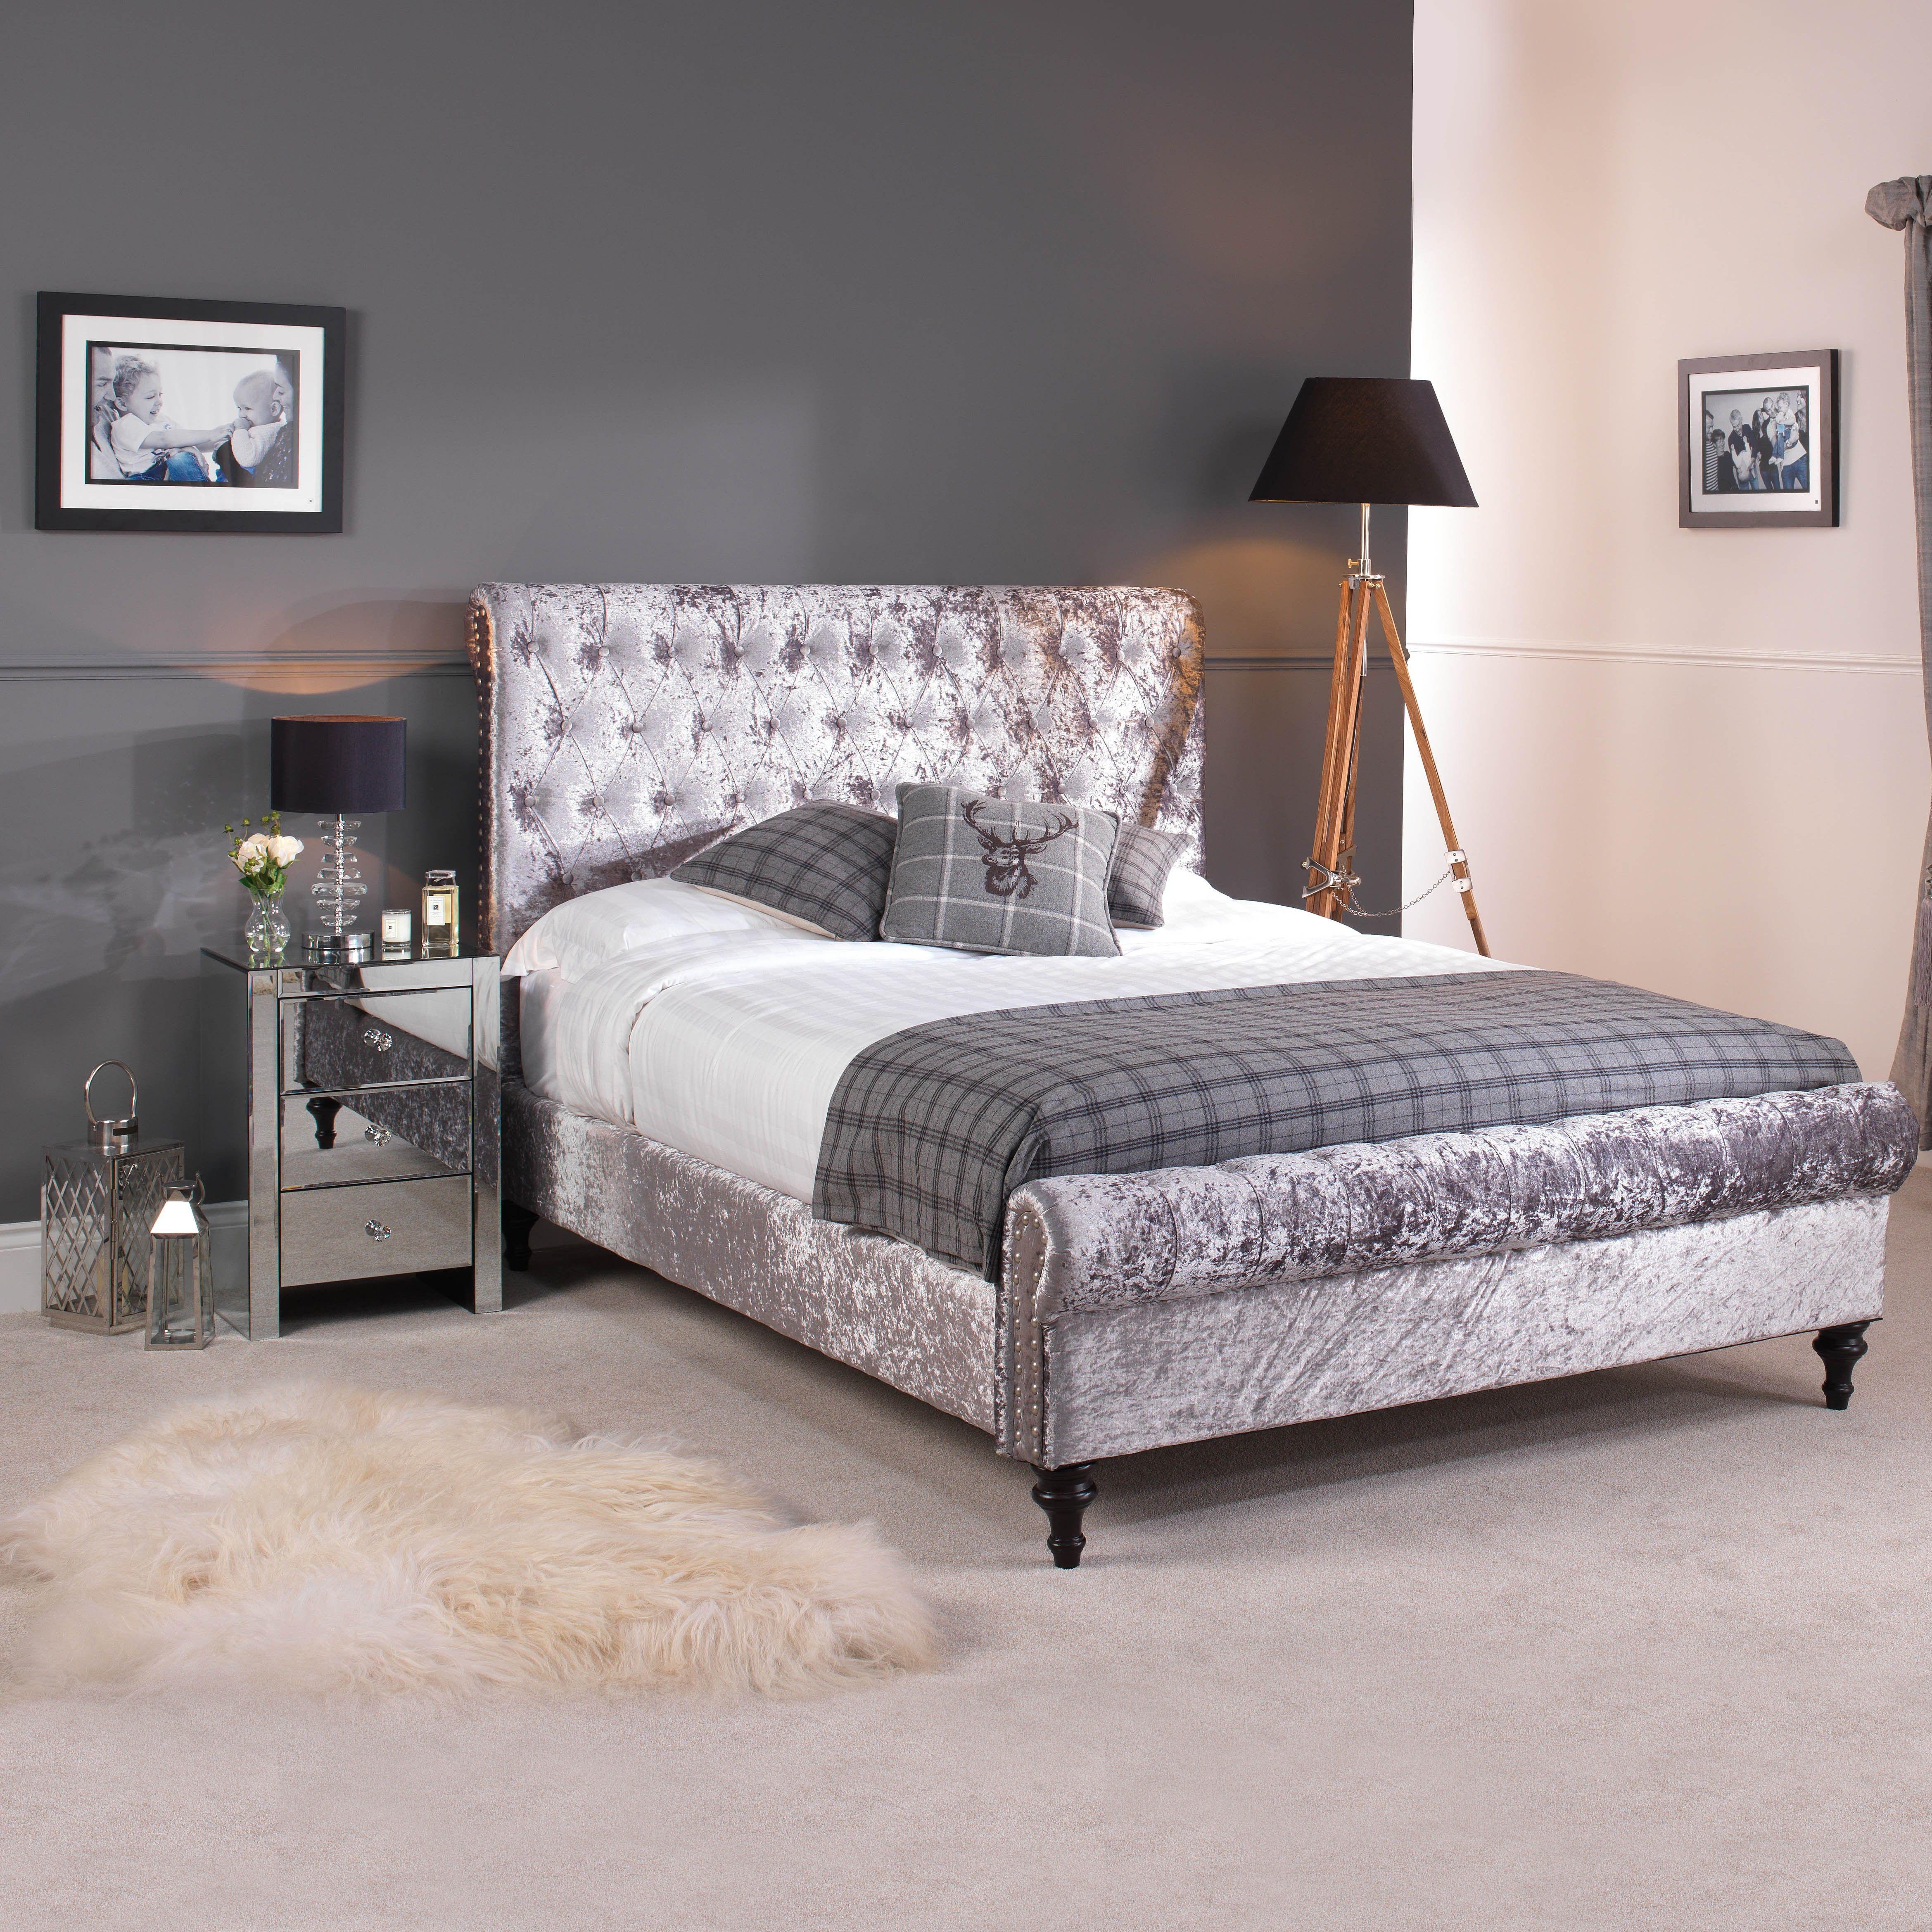 go1220g-6 super king size grey premium crushed velvet upholstered